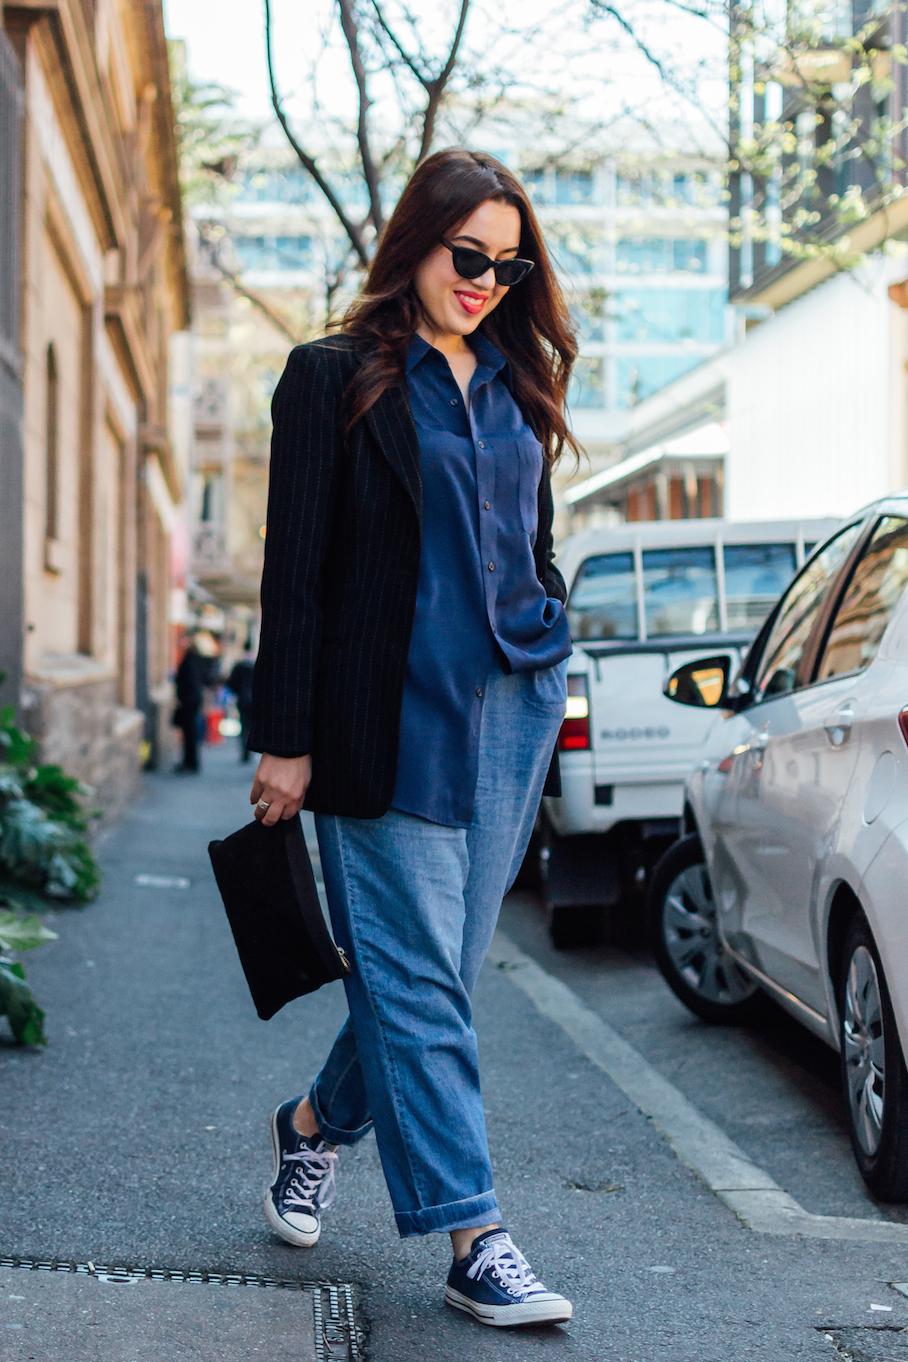 """SA: Alexandra Gounas, Designer/Creative, Adelaide. """"I'm inspired by life."""" Photo: Dimitra Koriozos."""